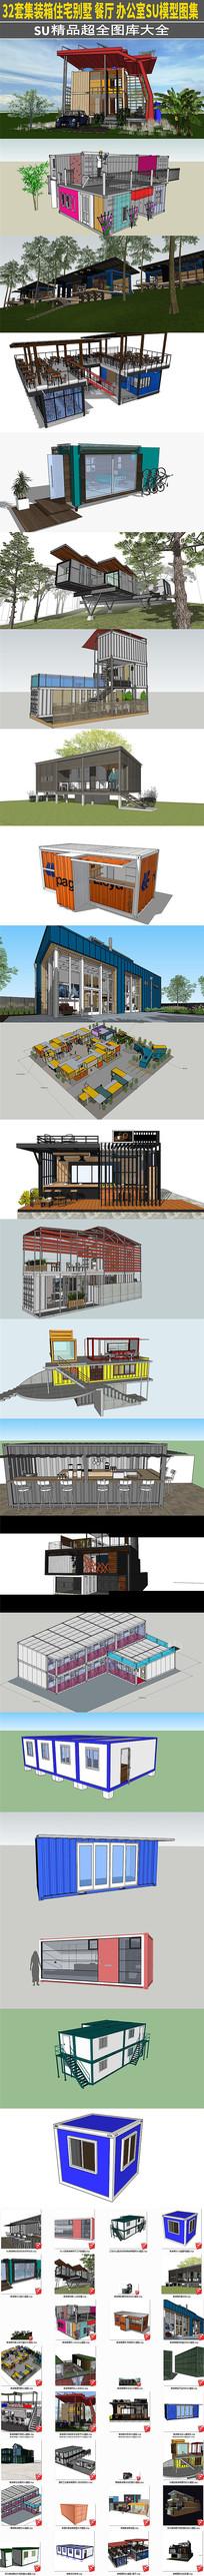 32套集装箱别墅餐厅办公室SU模型图集 skp